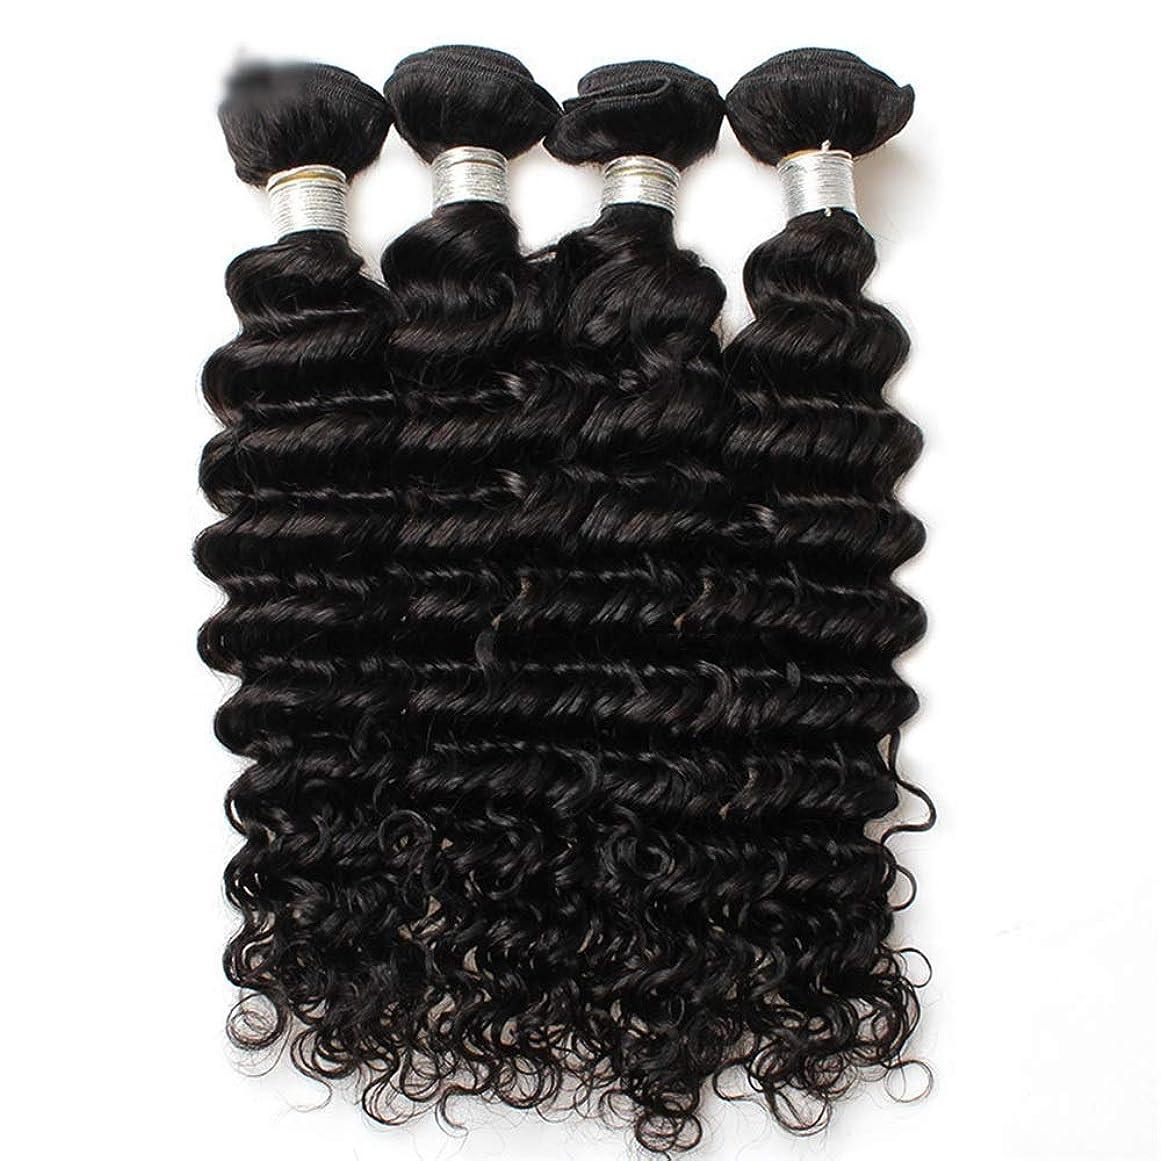 小数ダイヤモンド変化するYrattary 7Aブラジルディープウェーブ人間の髪の束 - ナチュラルカラーヘアエクステンション(10